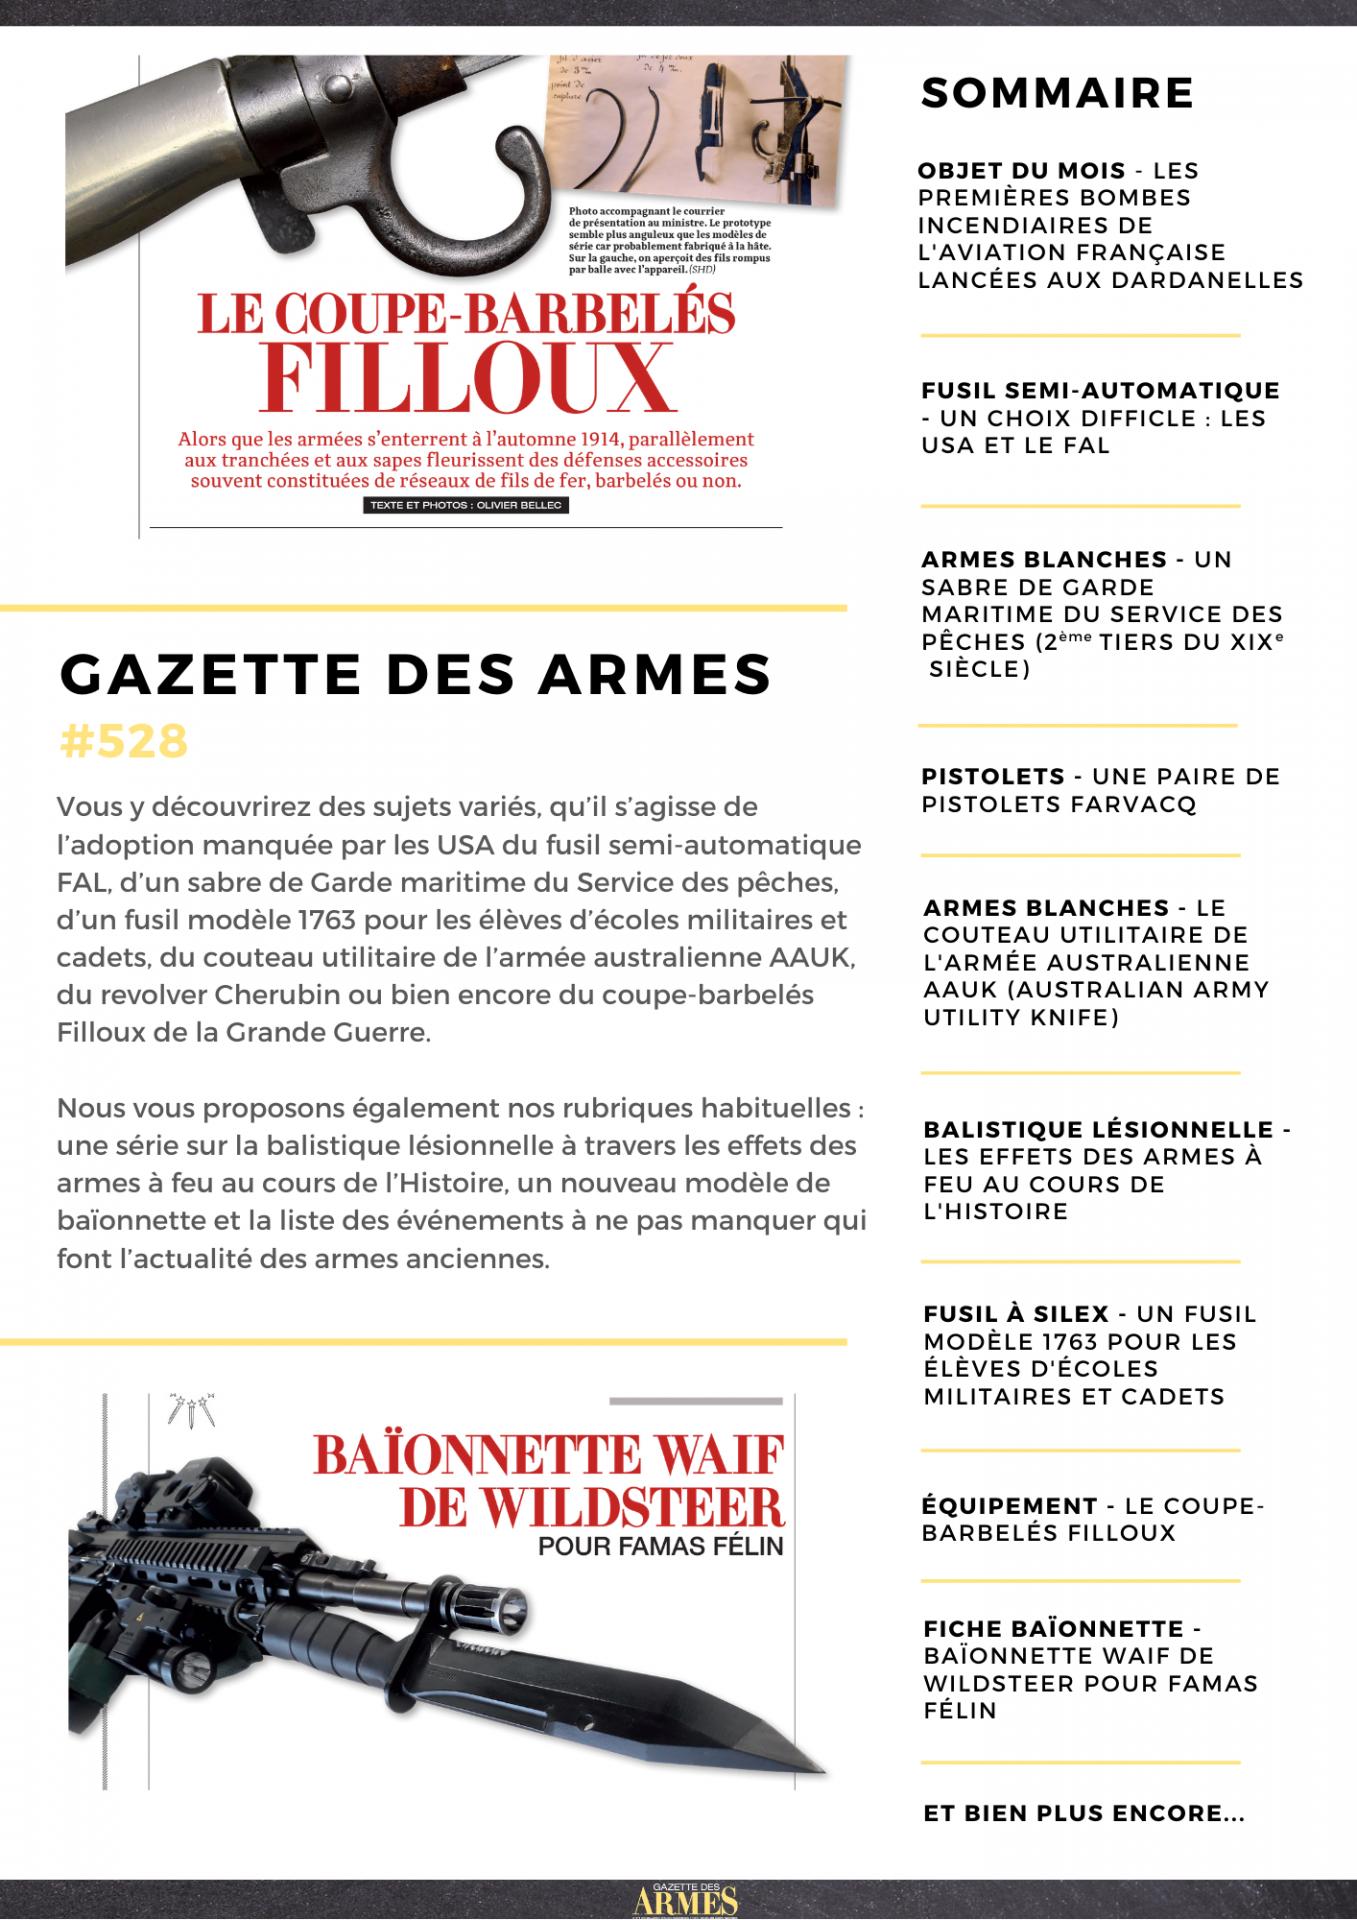 La Gazette des Armes  Midwave%20Author%20Wins%20Award(7)